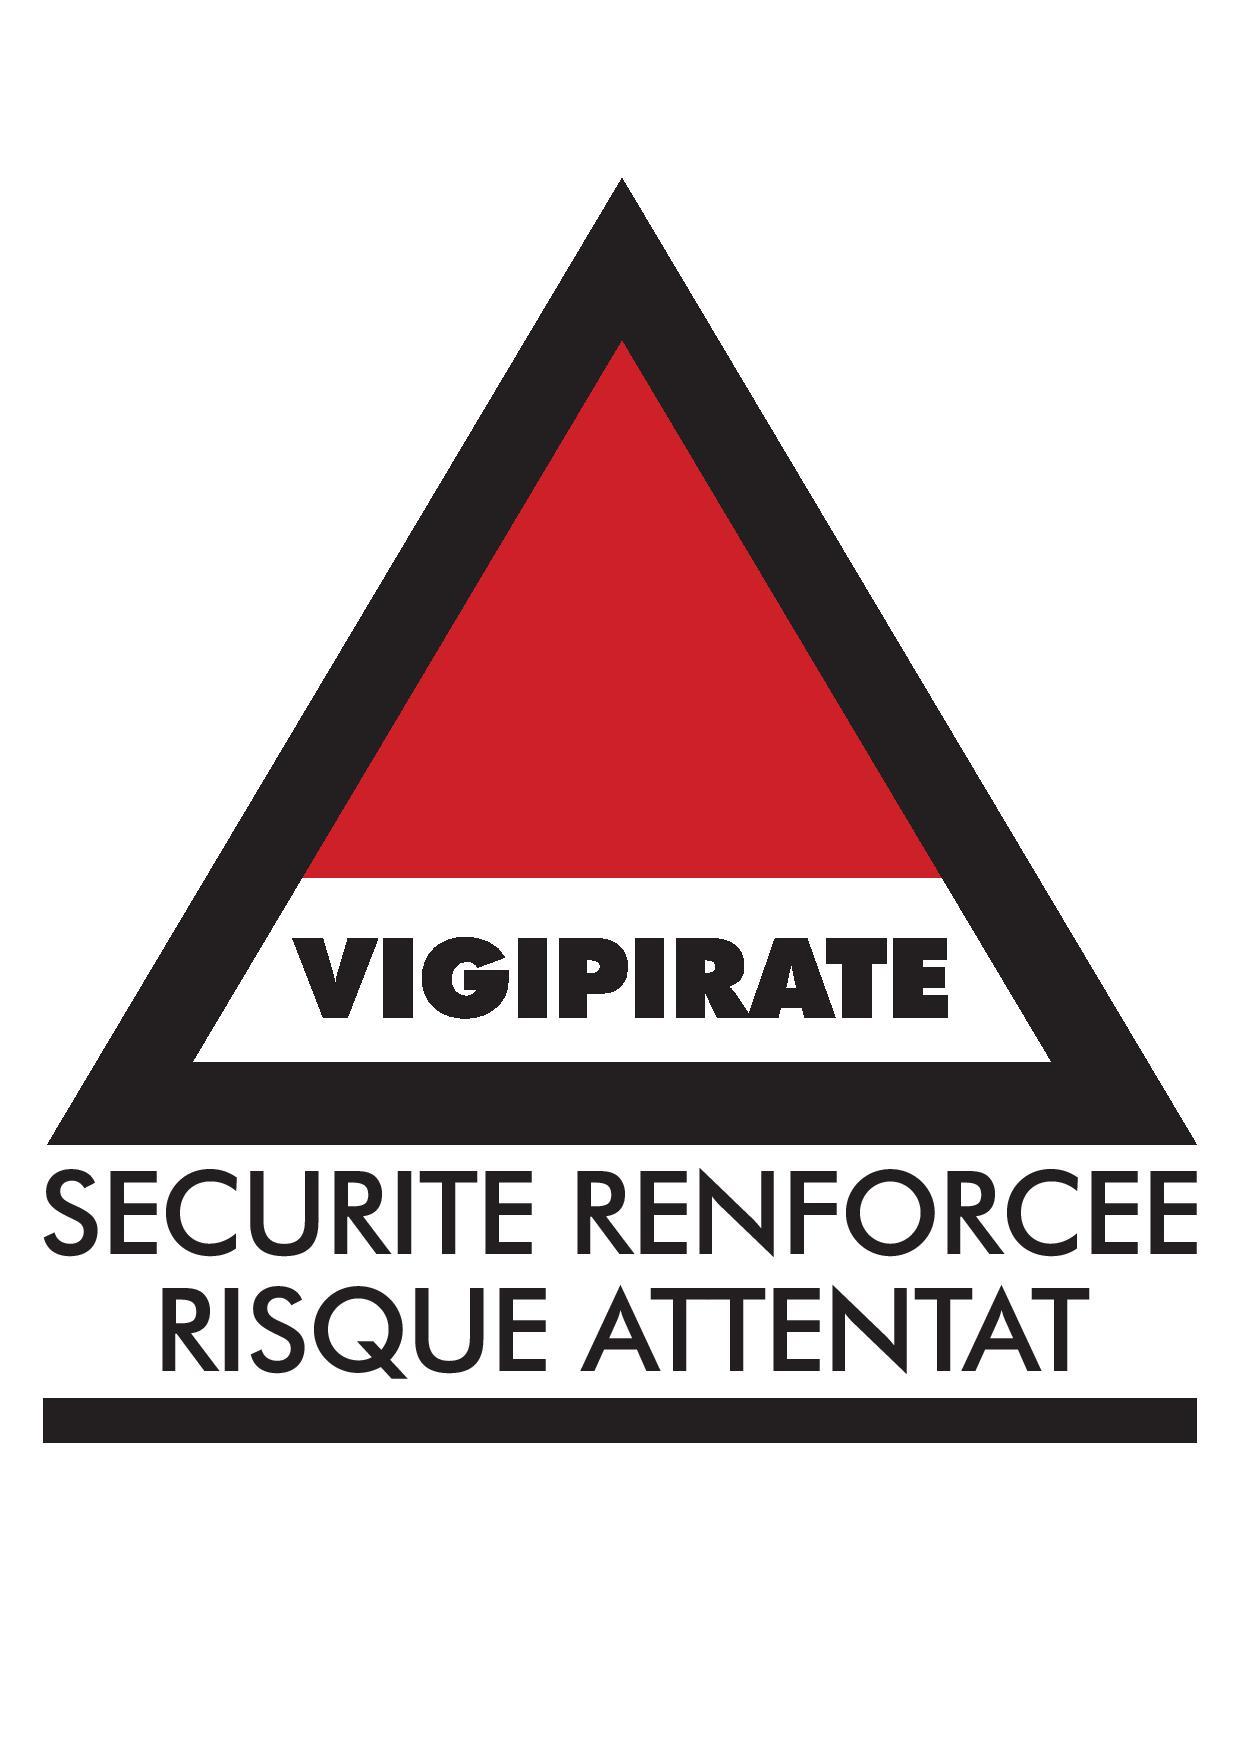 logo-alerte-attentat-n2